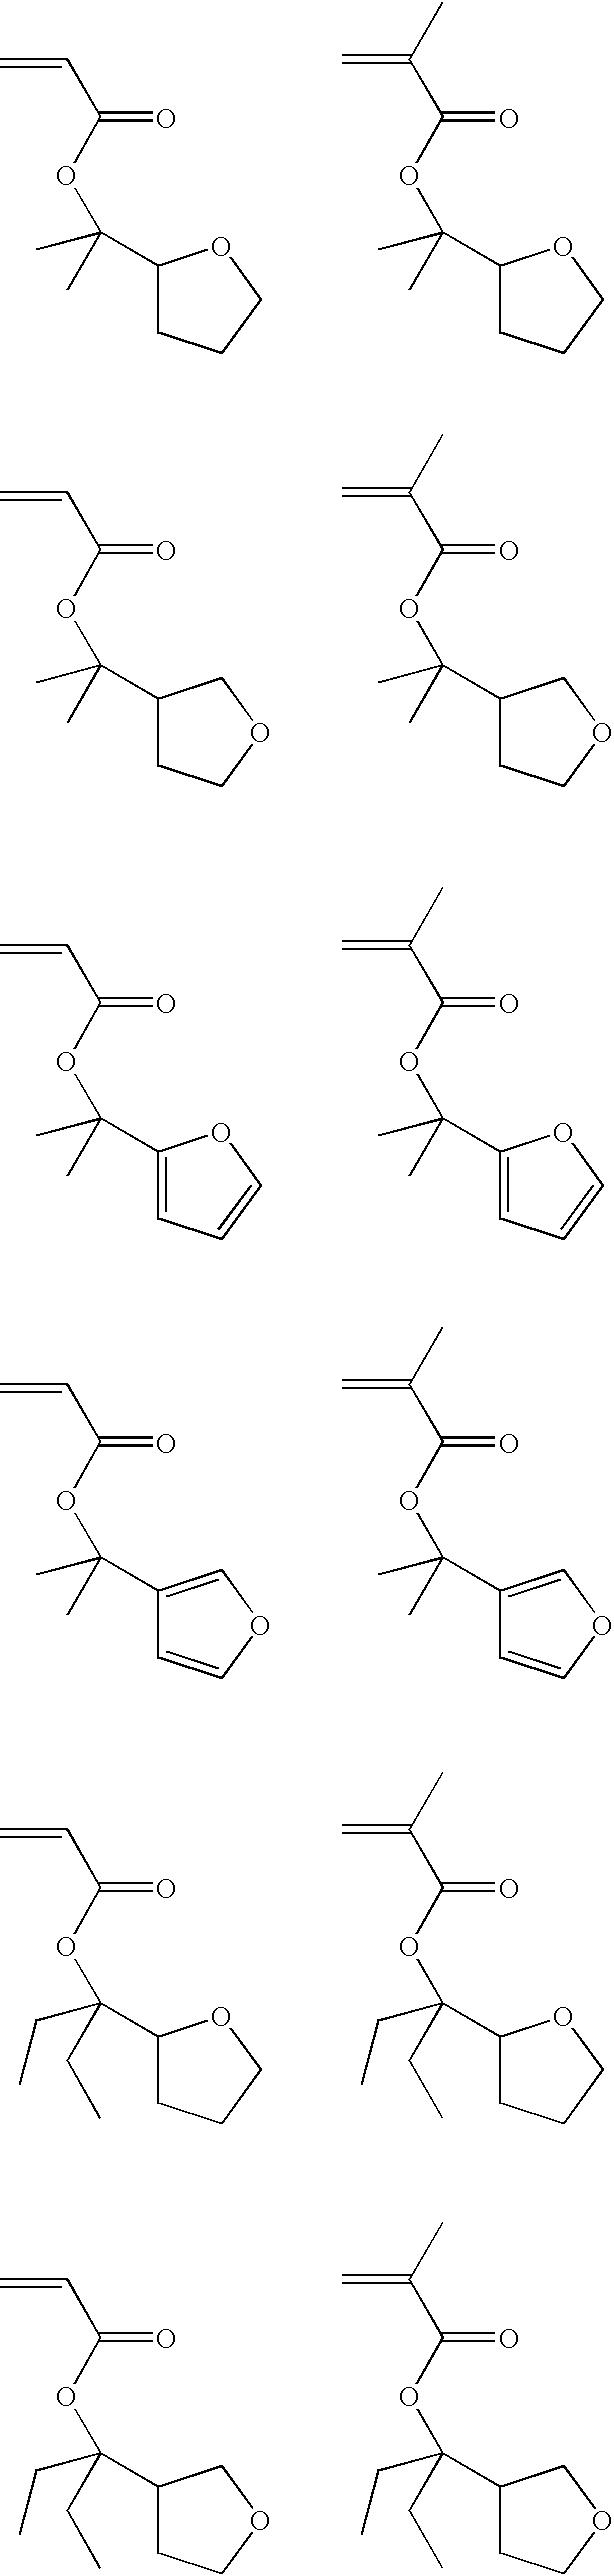 Figure US08129086-20120306-C00056